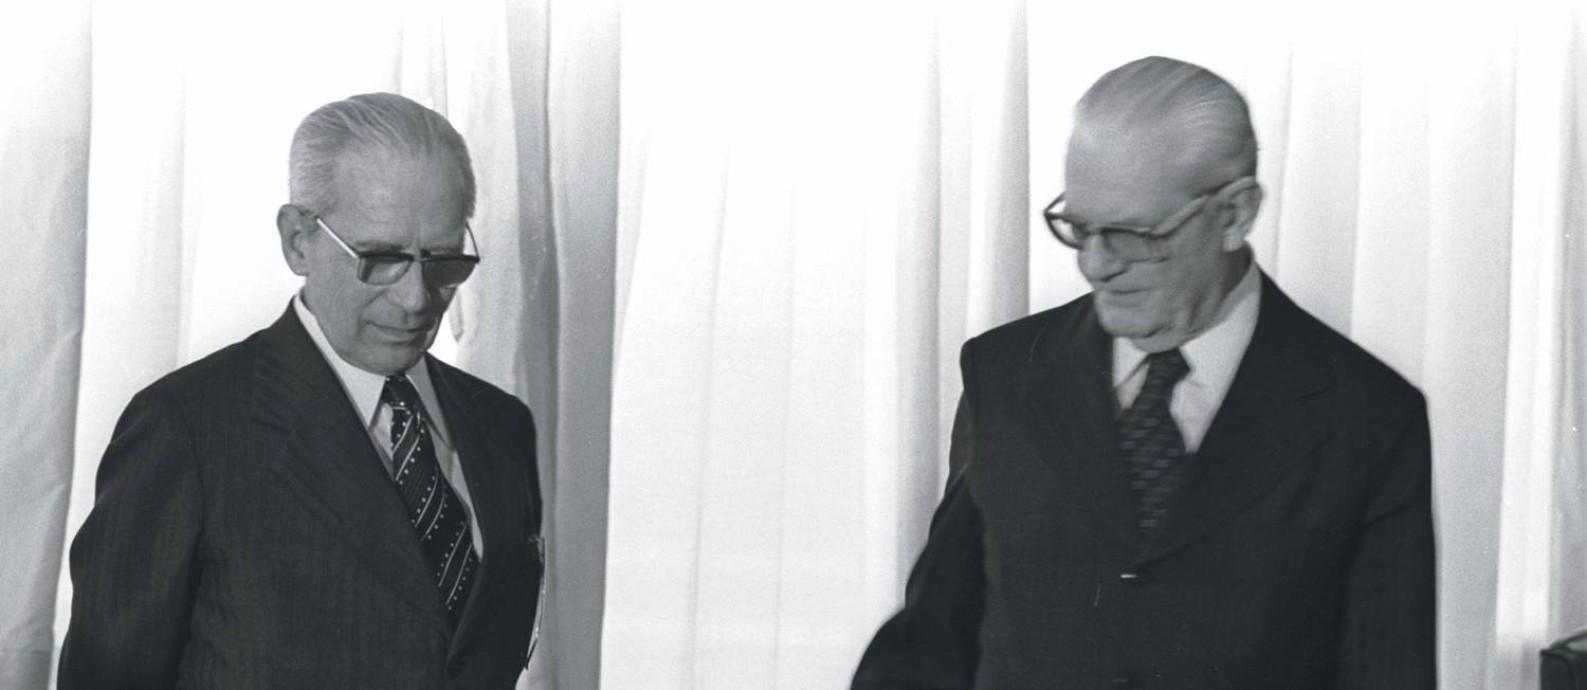 """Outros tempos. Egressos do primeiro governo da ditadura militar, os generais Golbery do Couto e Silva e Ernesto Geisel foram batizados de """"Feiticeiro"""" e """"Sacerdote"""" por Elio Gaspari Foto: Arquivo"""